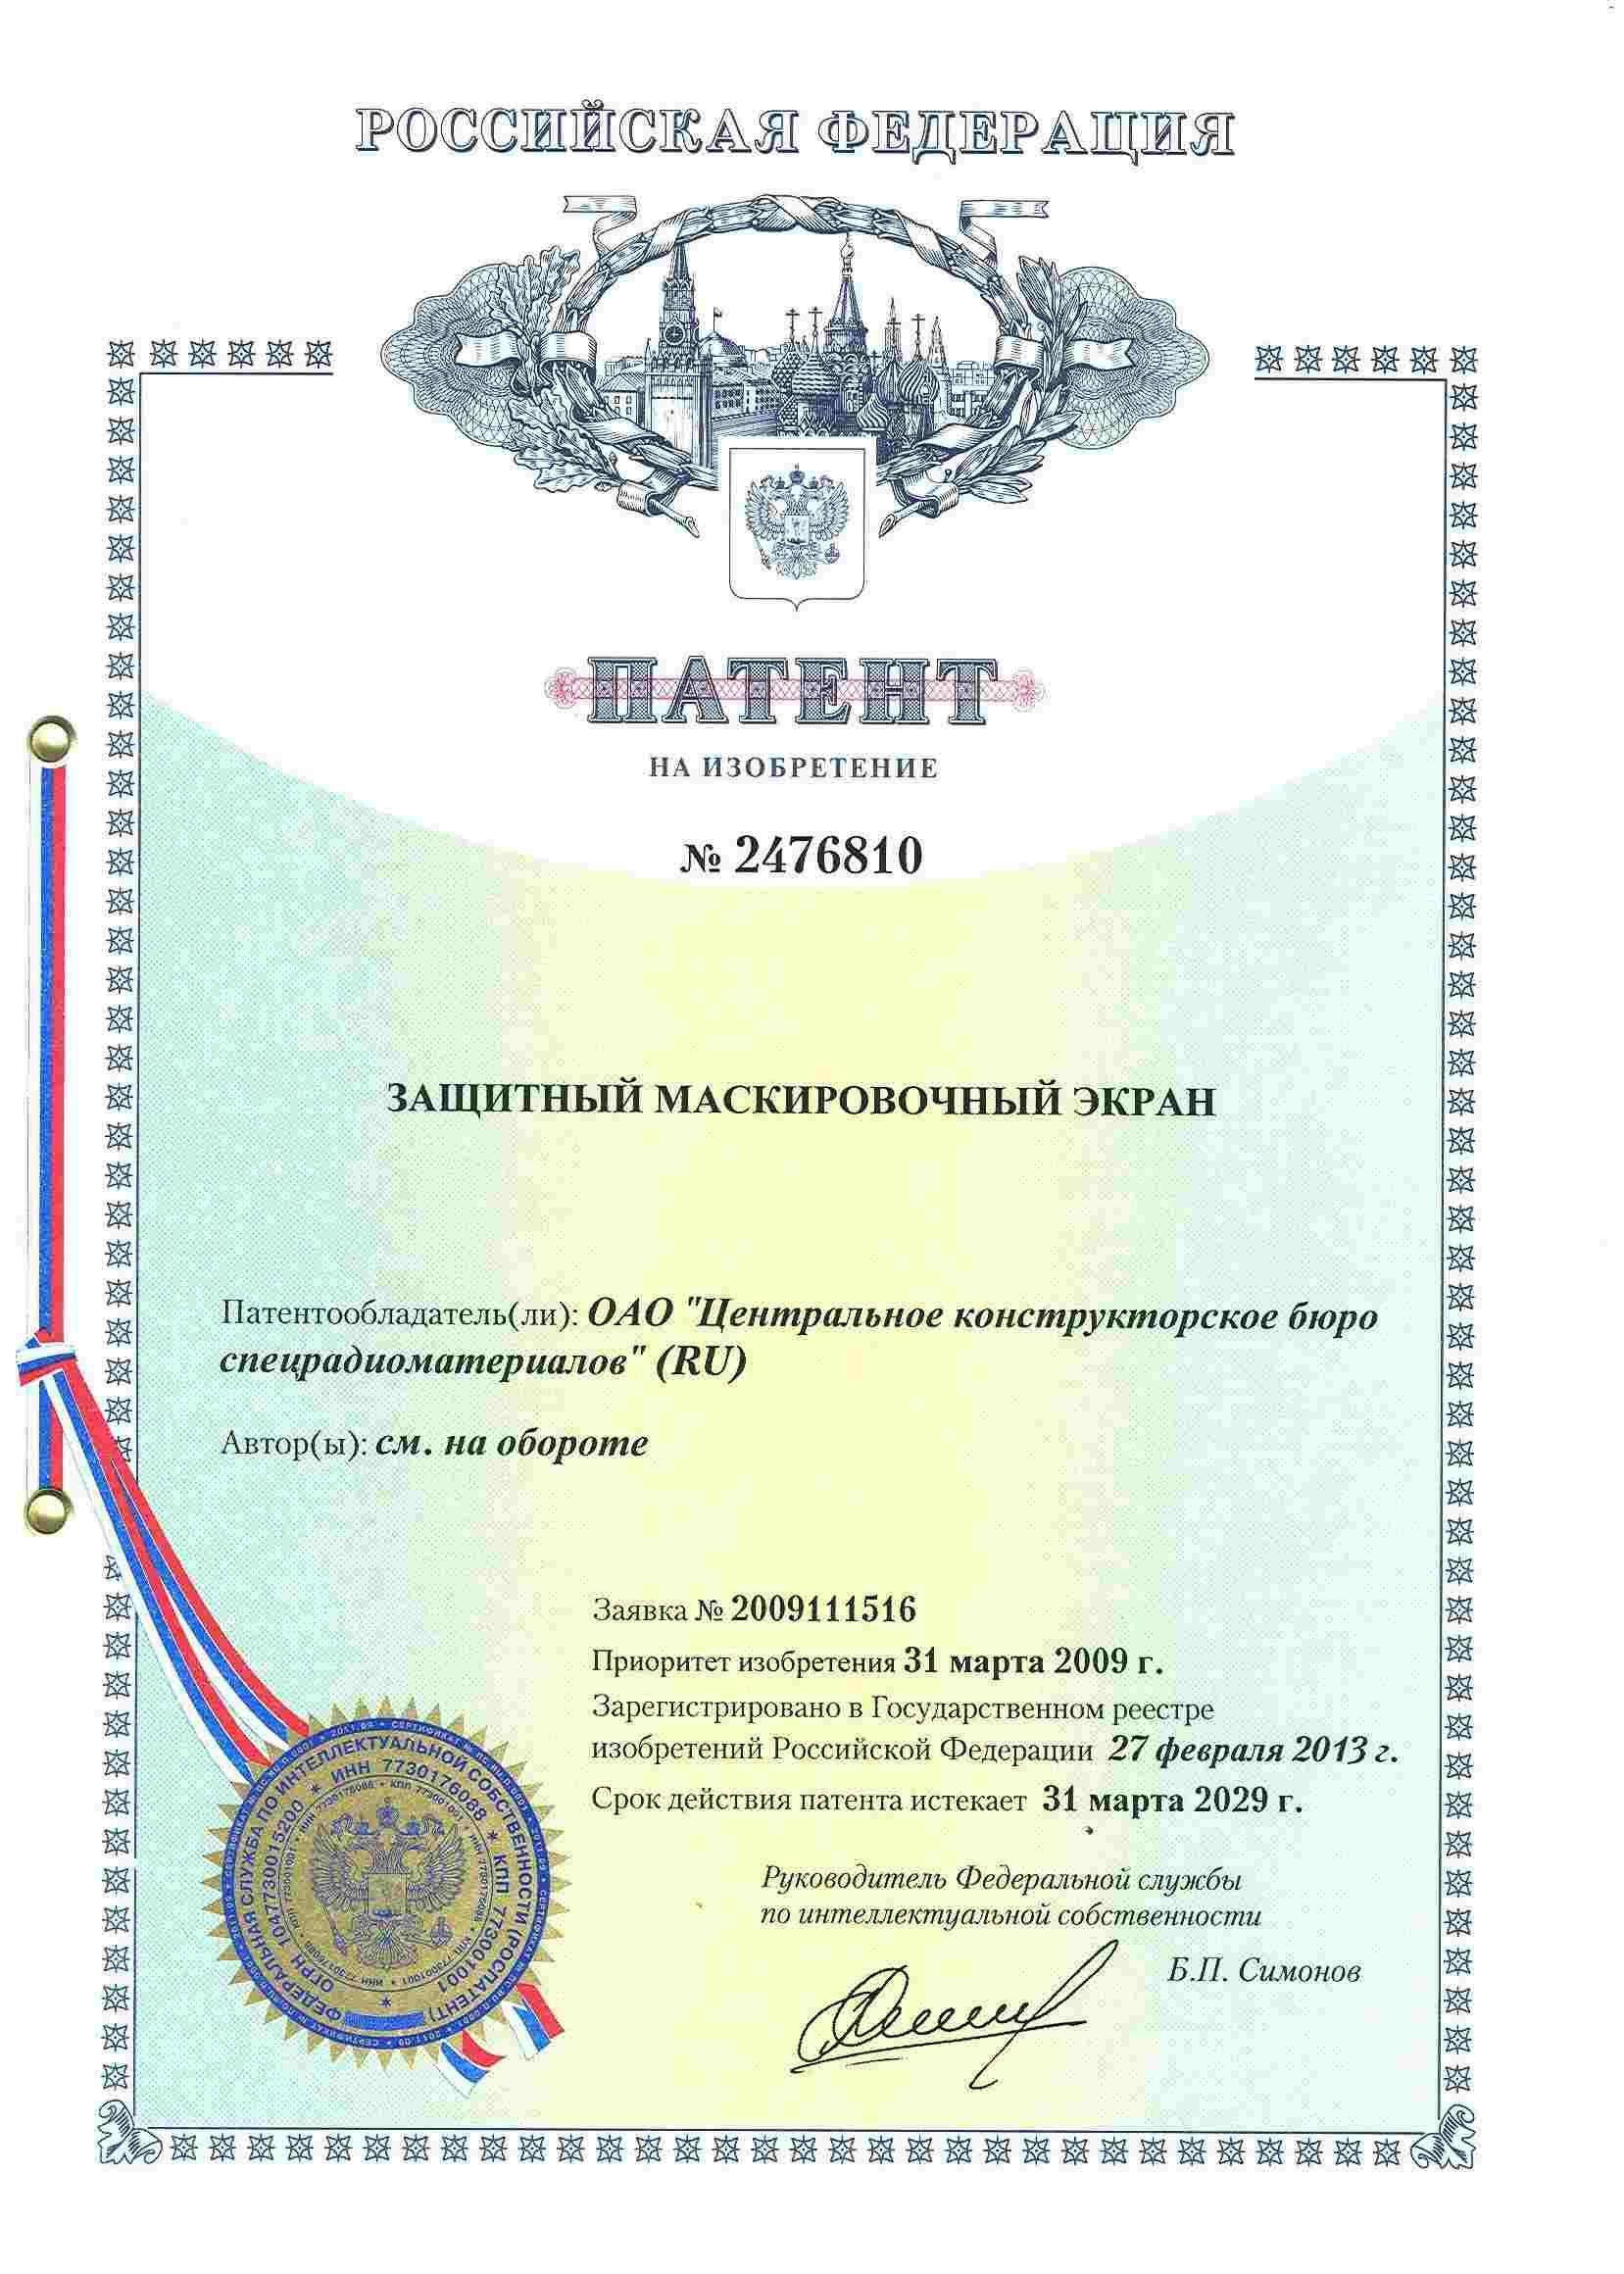 """Патент на изобретение №2476810 от 31.03.2009 """"Защитный маскировочный экран"""""""